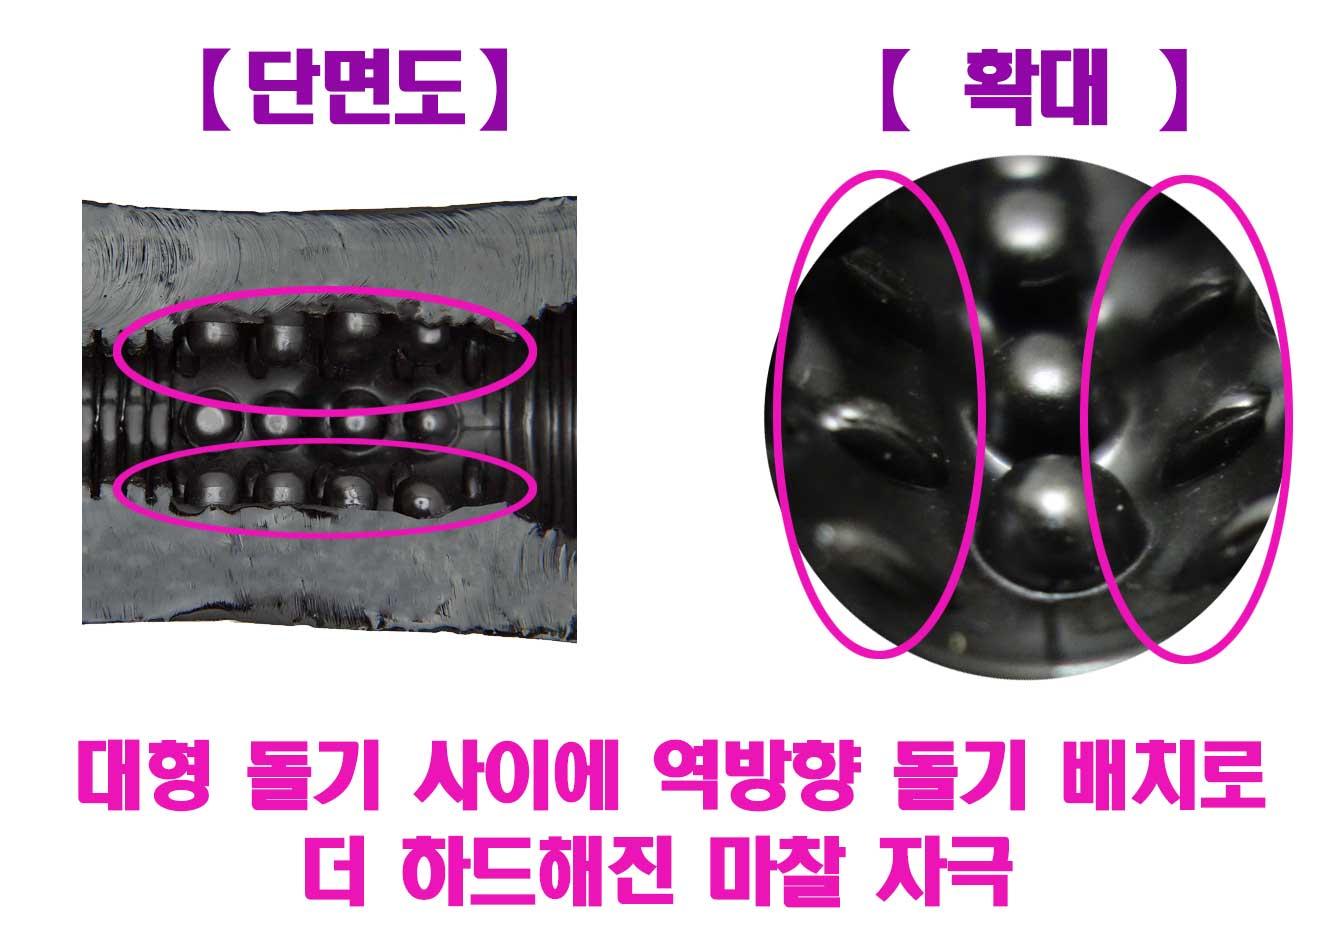 반숙 서큐버스 블랙 하드 내부구조3